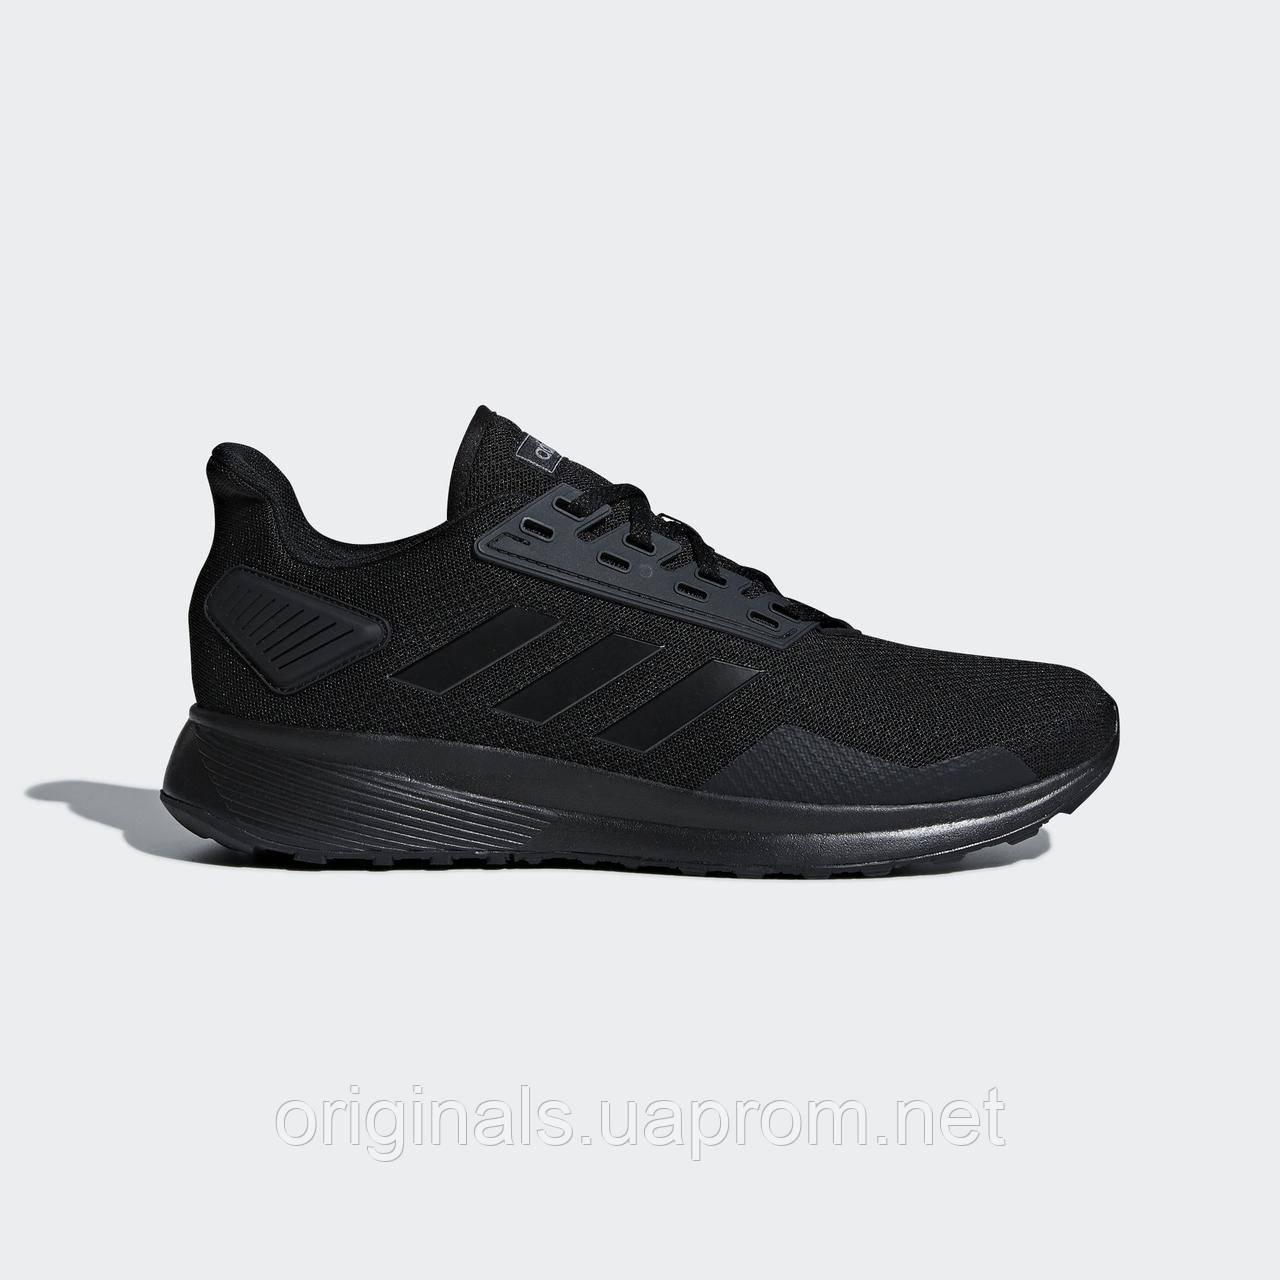 Кроссовки для бега adidas Duramo 9 B96578